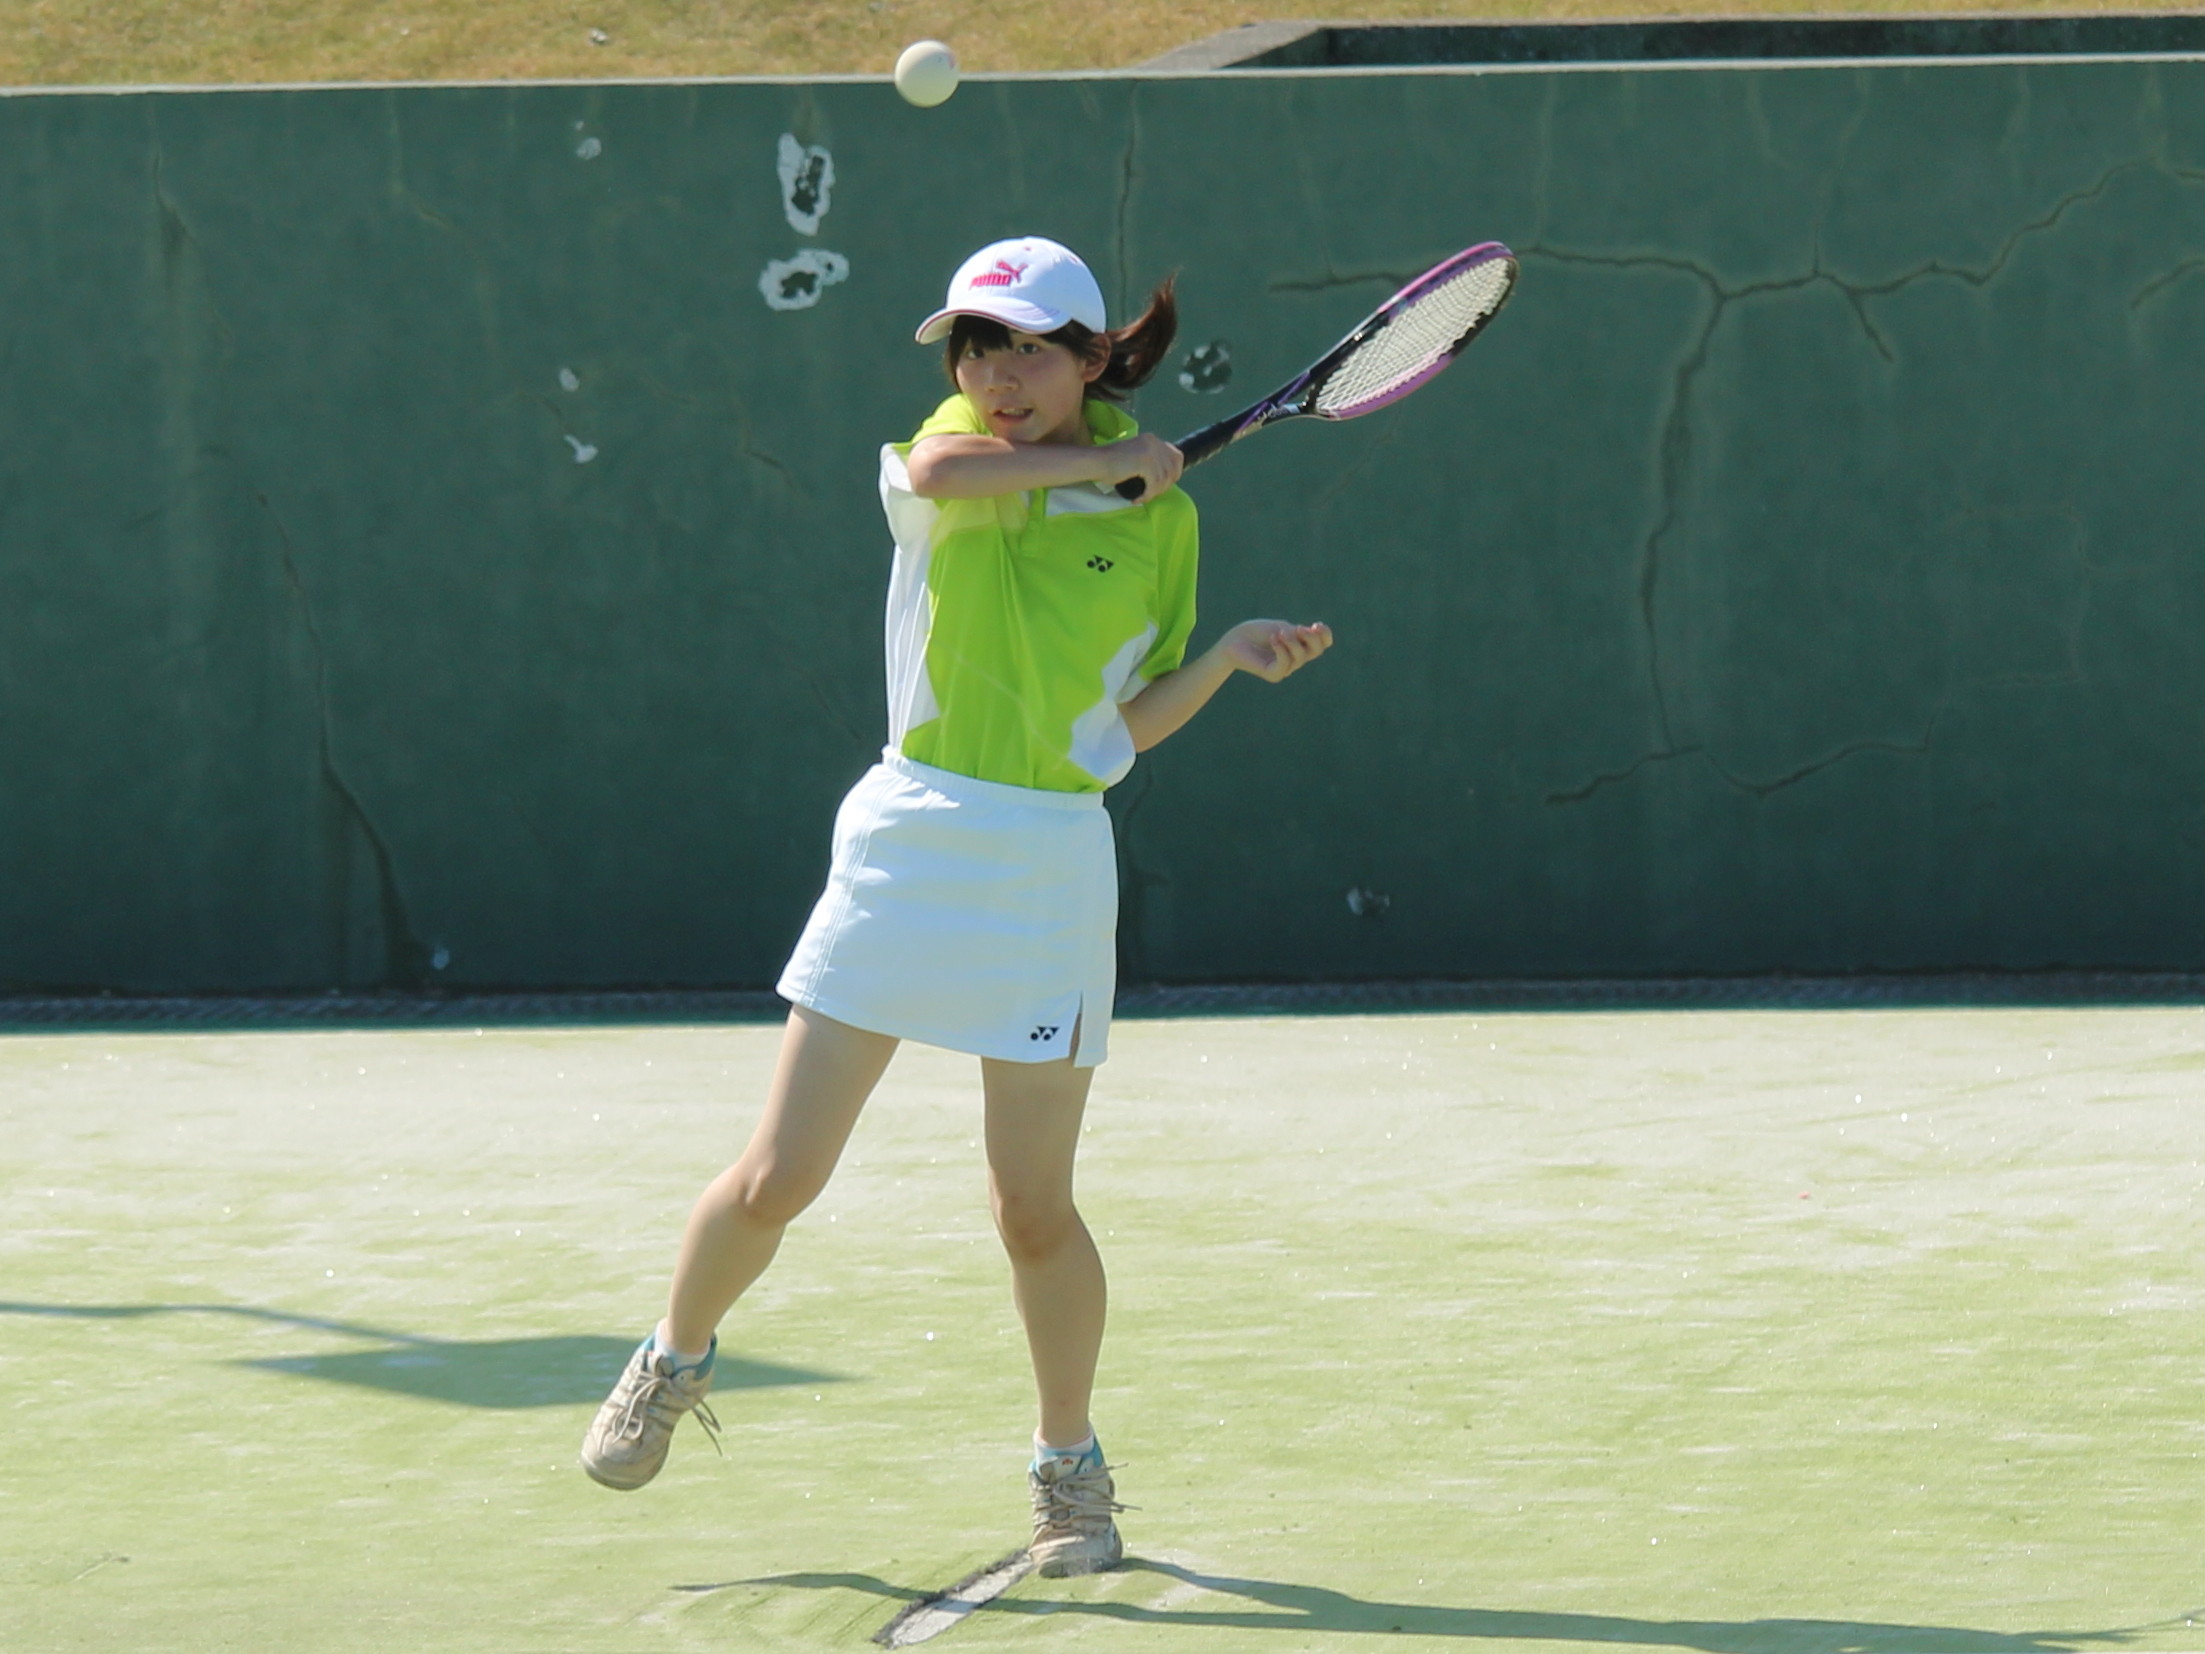 ソフトテニスの画像 p1_34